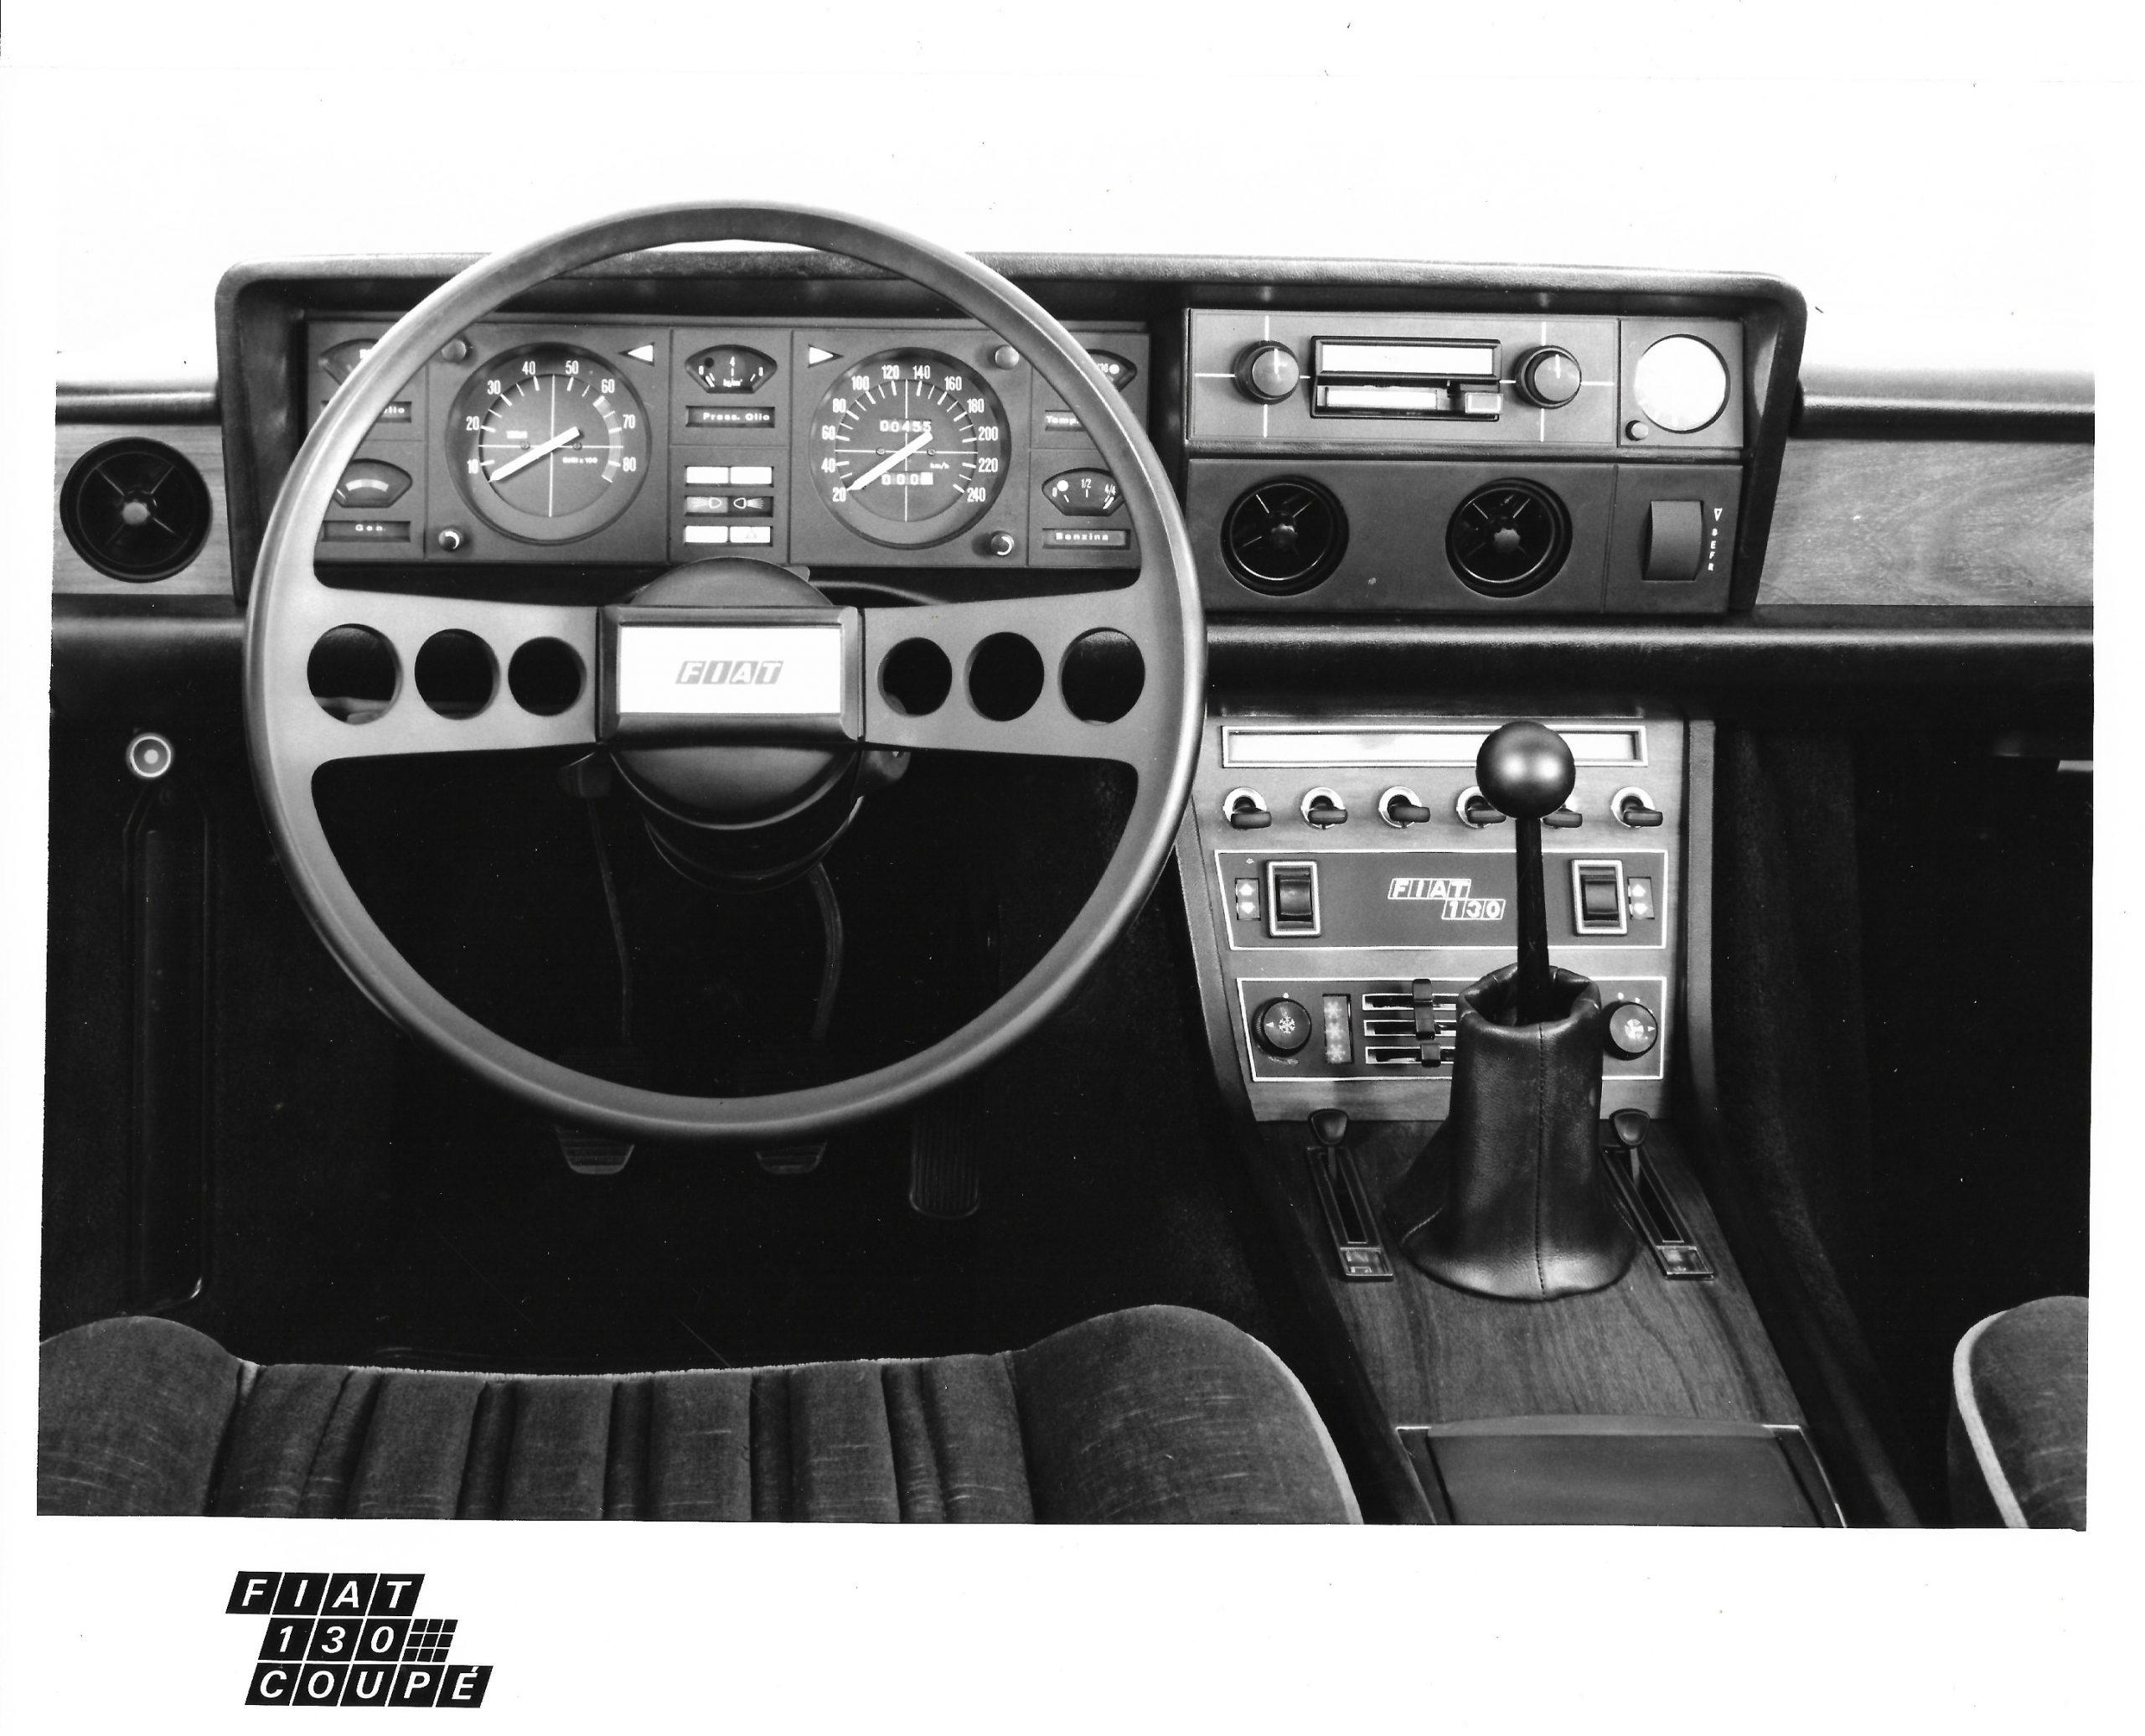 Fiat 130 press foto